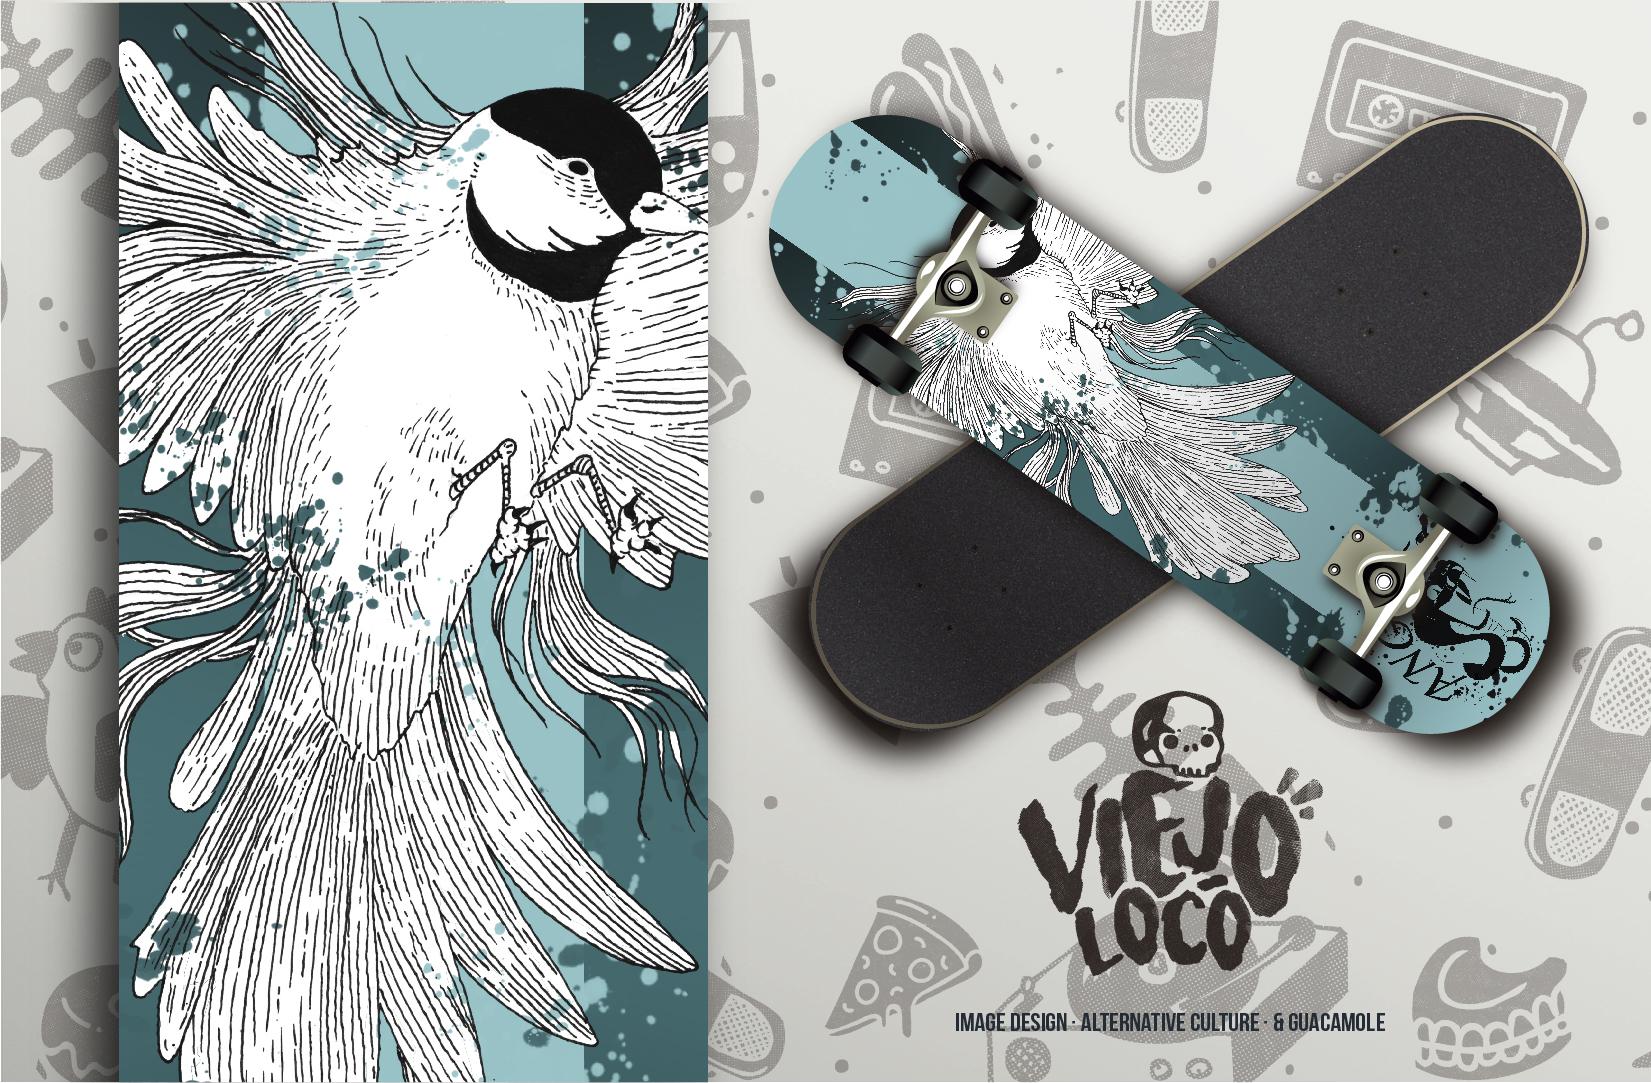 ViejoLoco.skate.alien.1.0-02